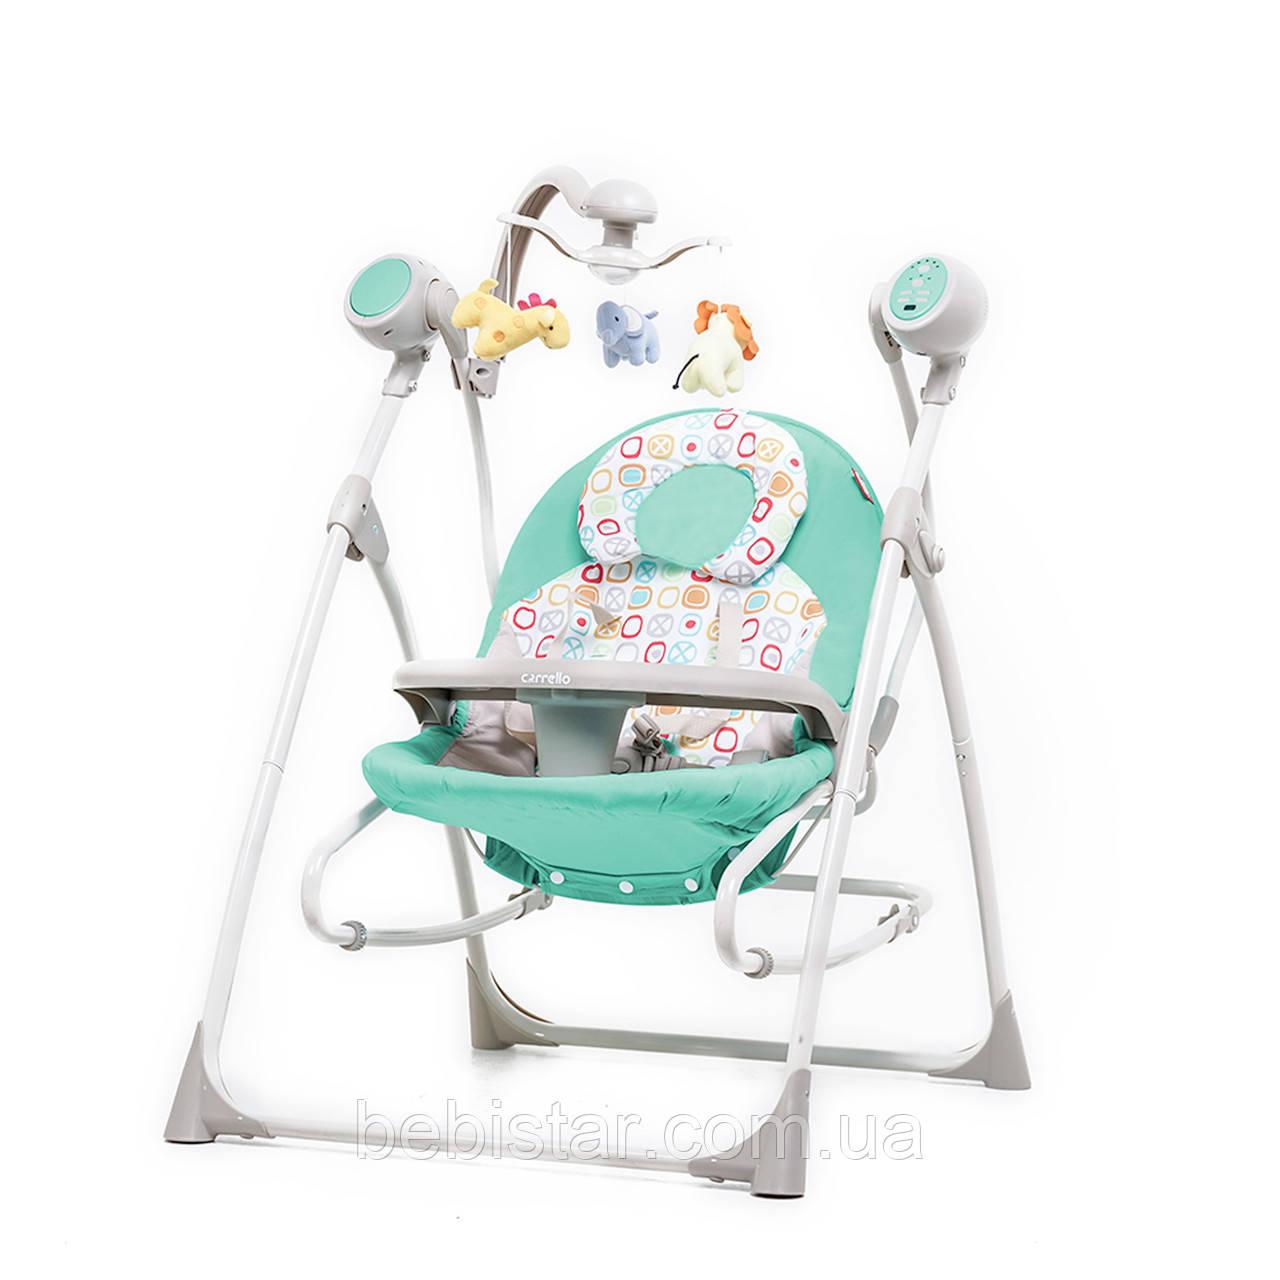 Кресло-качалка шезлонг 3в1 мятная Carrello Nanny с пультом съемный столик вкладыш вращающийся мягкие игрушки